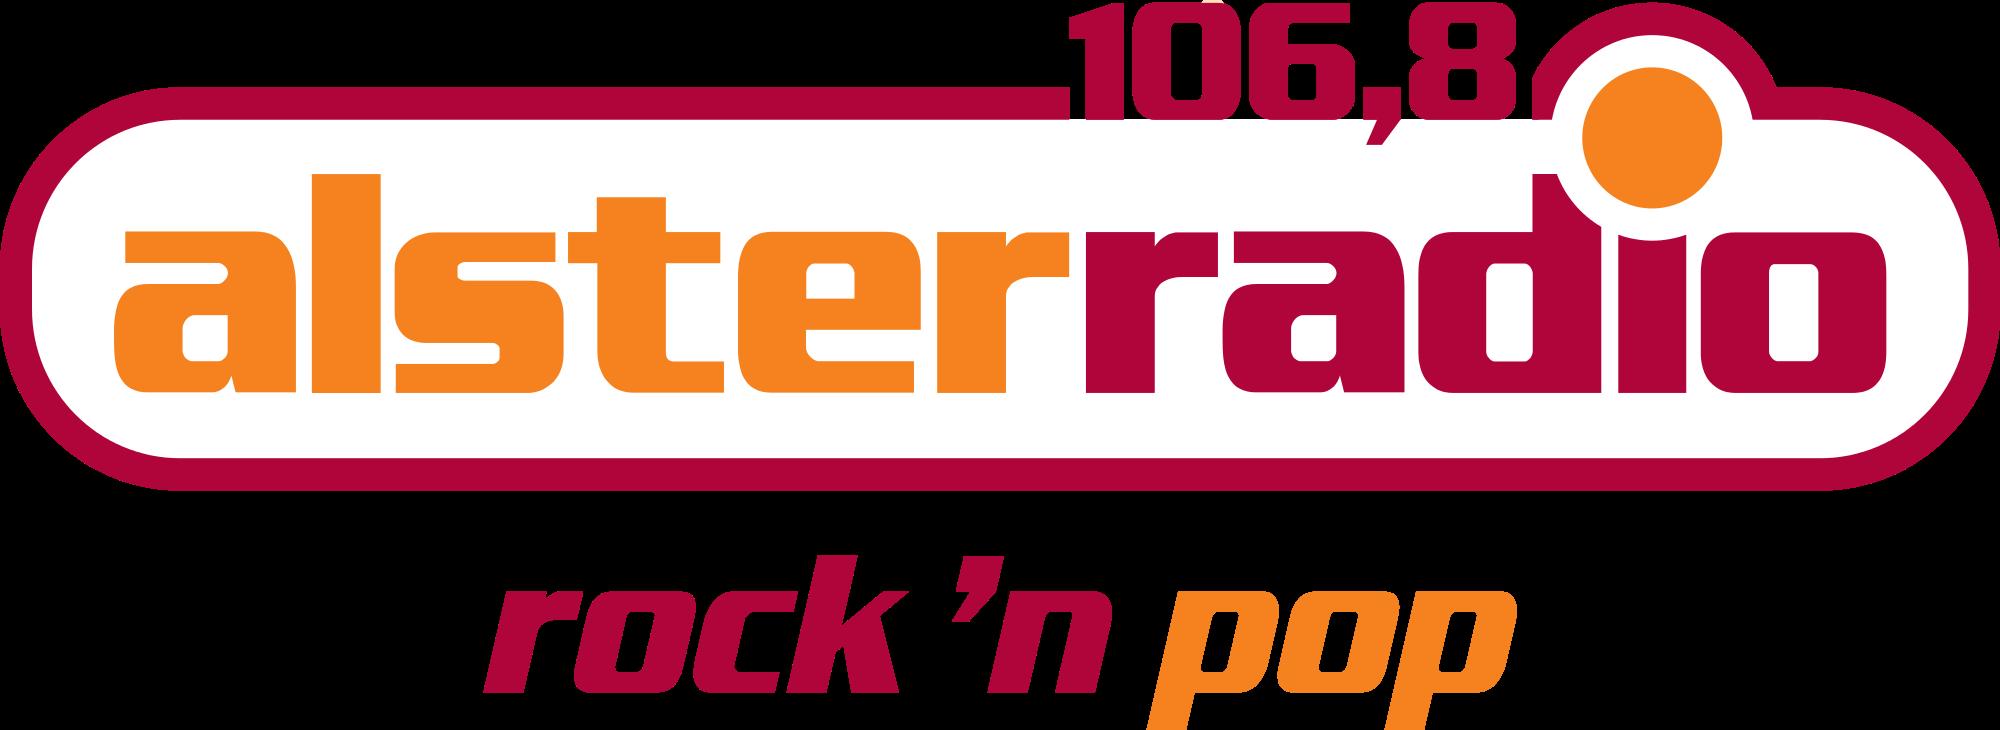 Alsterradio Logo